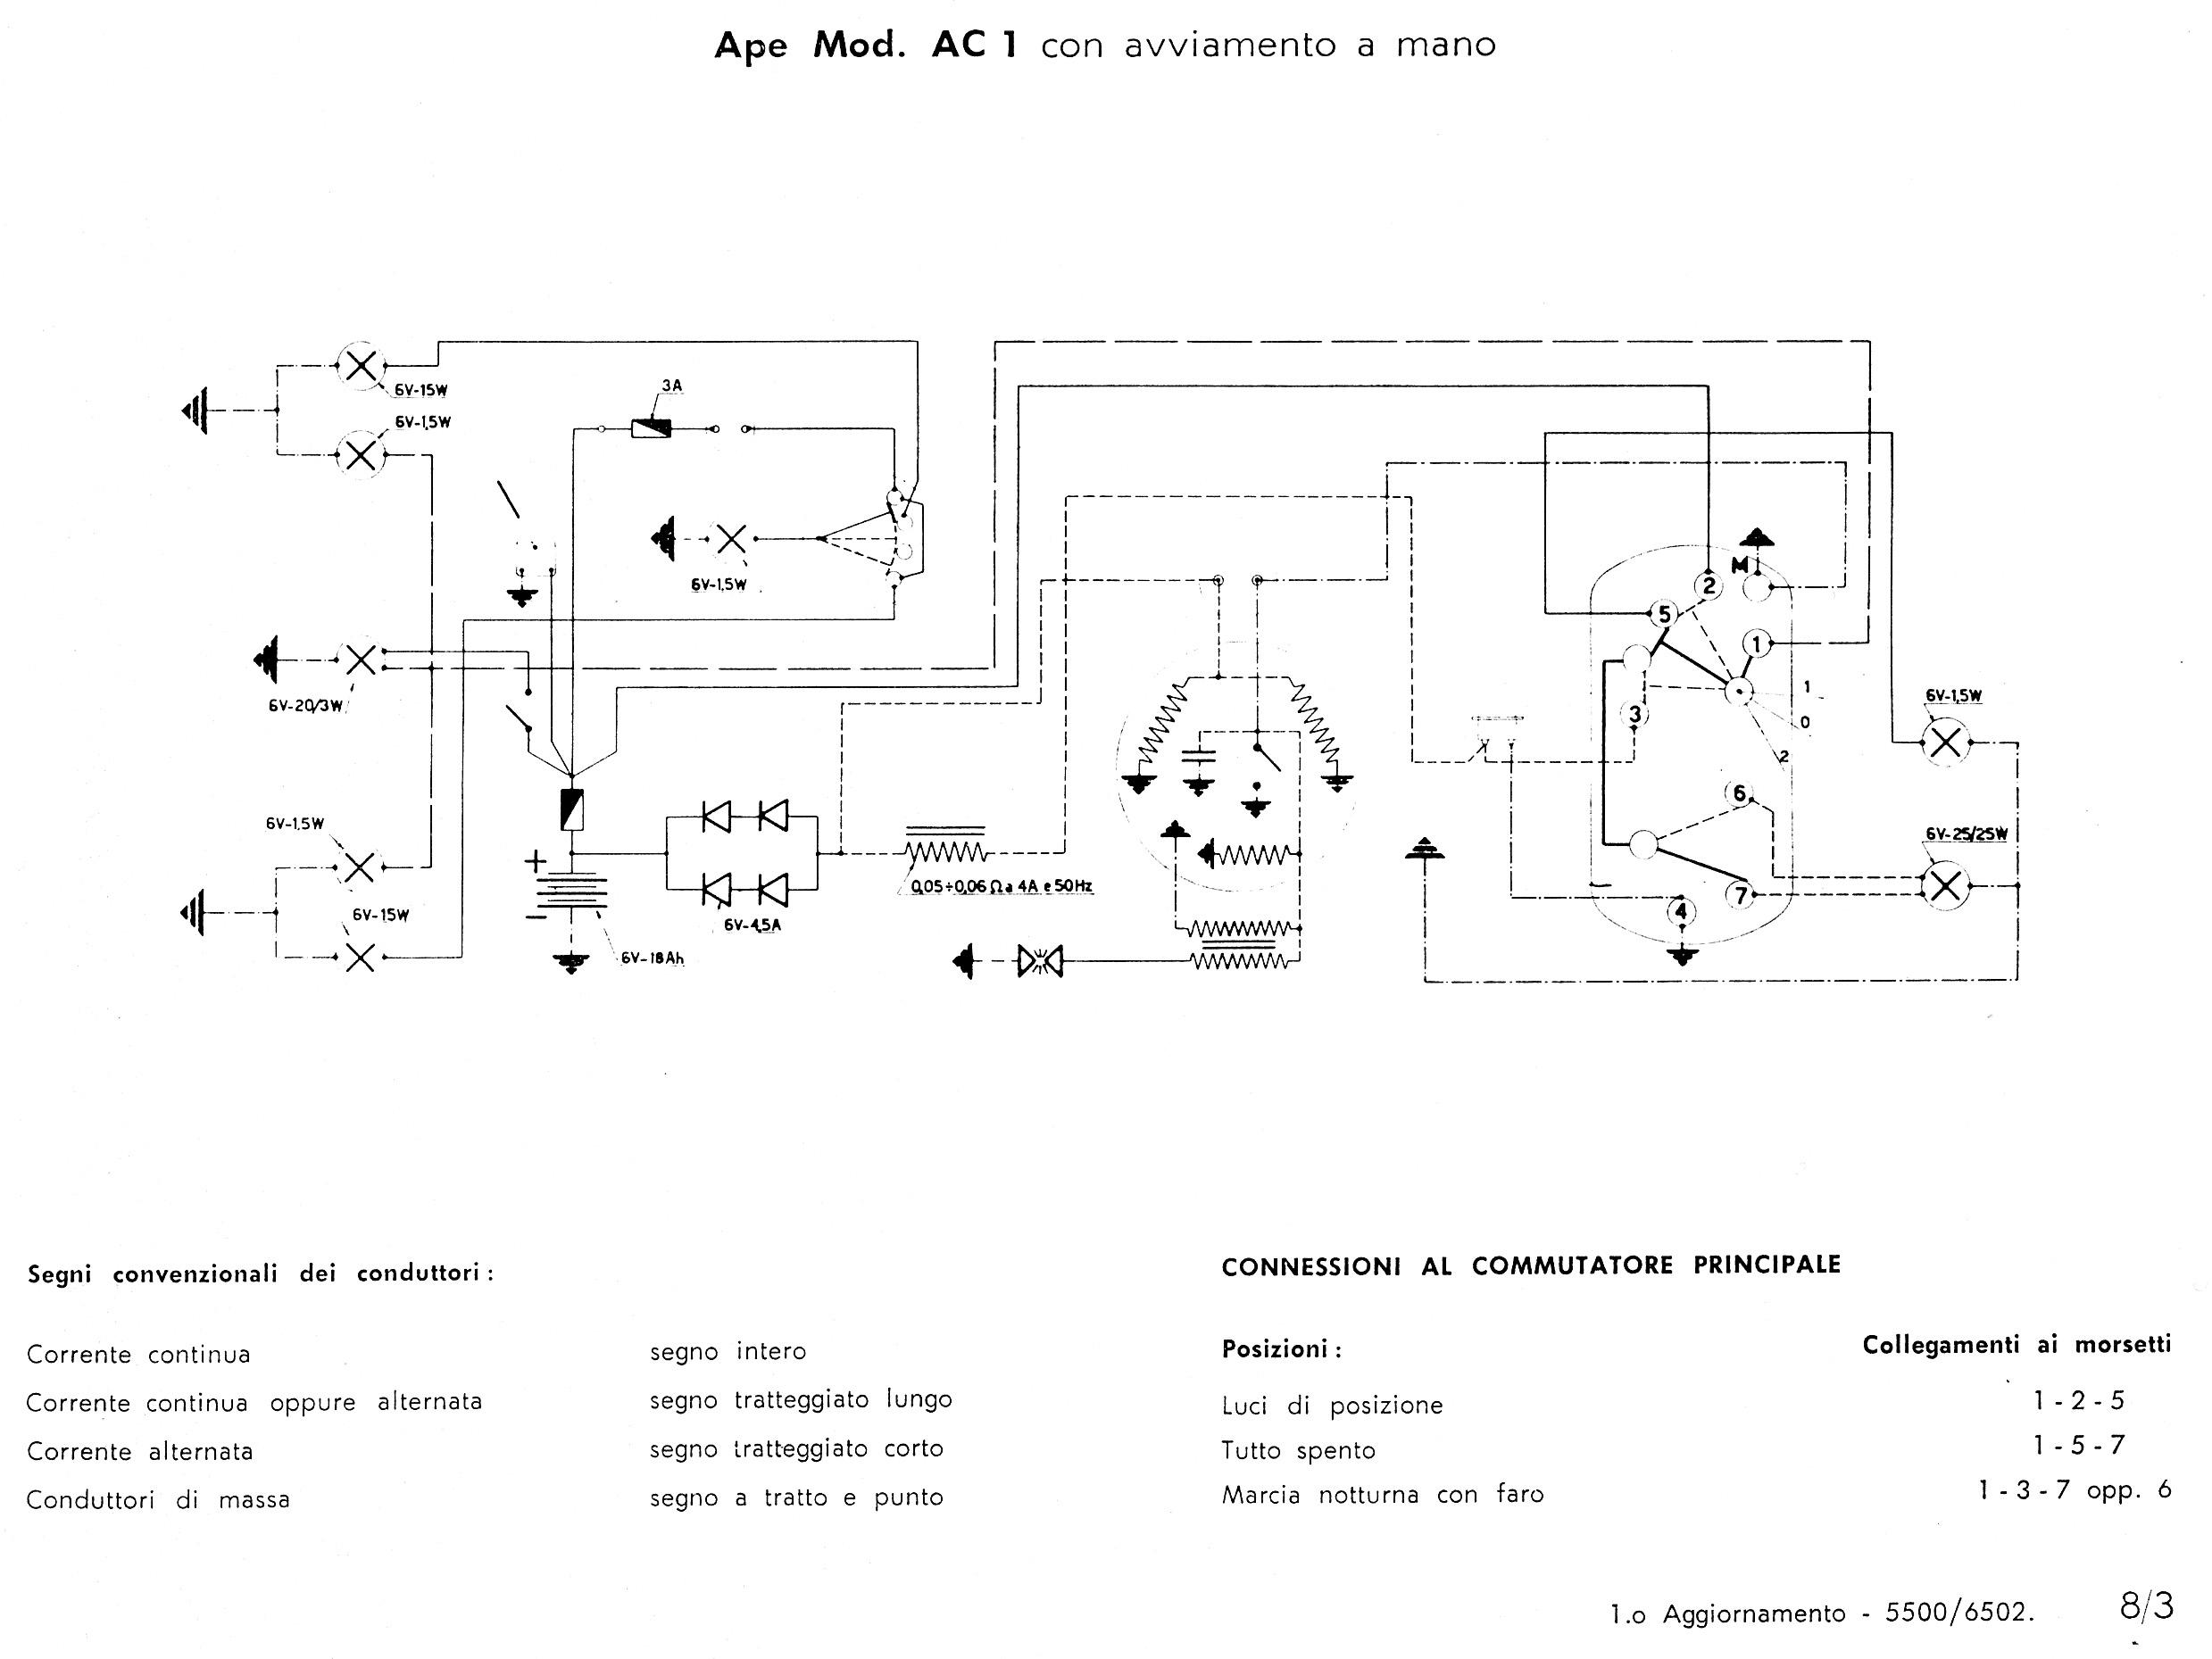 Schema Elettrico X9 250 : Tecnica ape piaggio ac